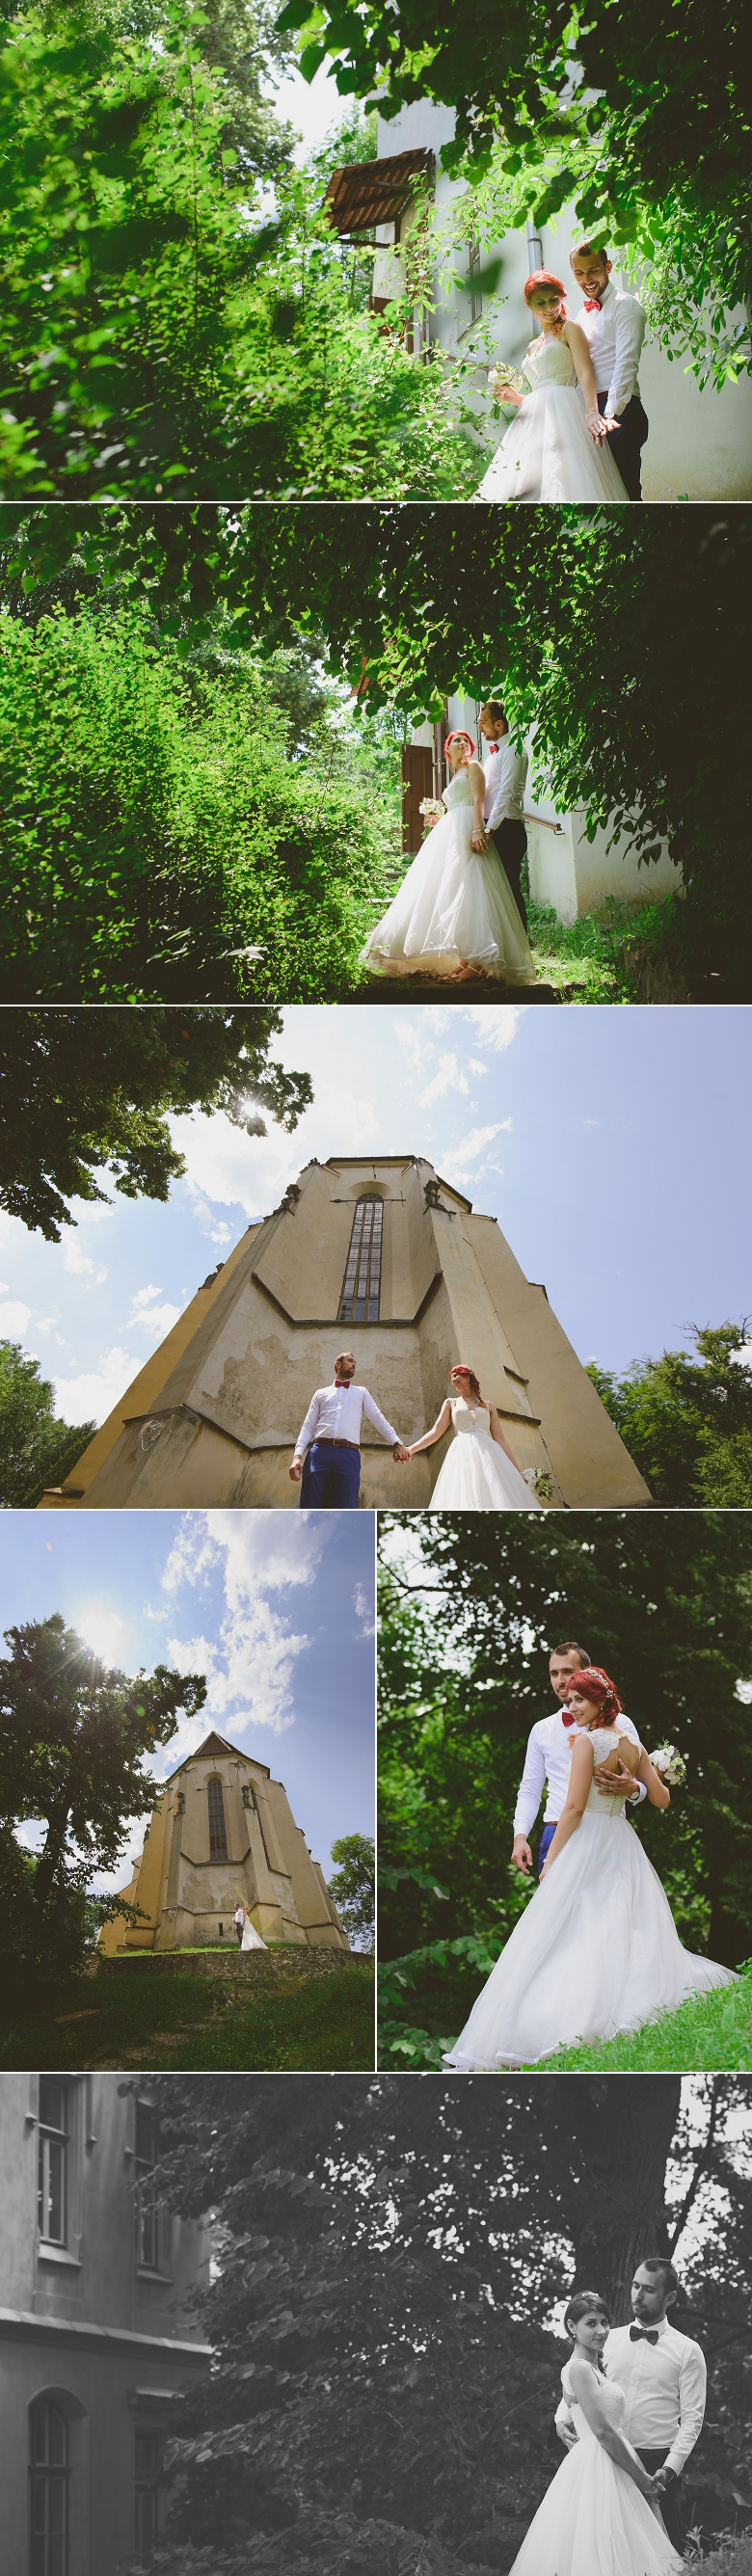 after_wedding_sighisoara_poze_nunta_sighisoara_fotografii_sighisoara_fotograf_nunta_sighisoara 3